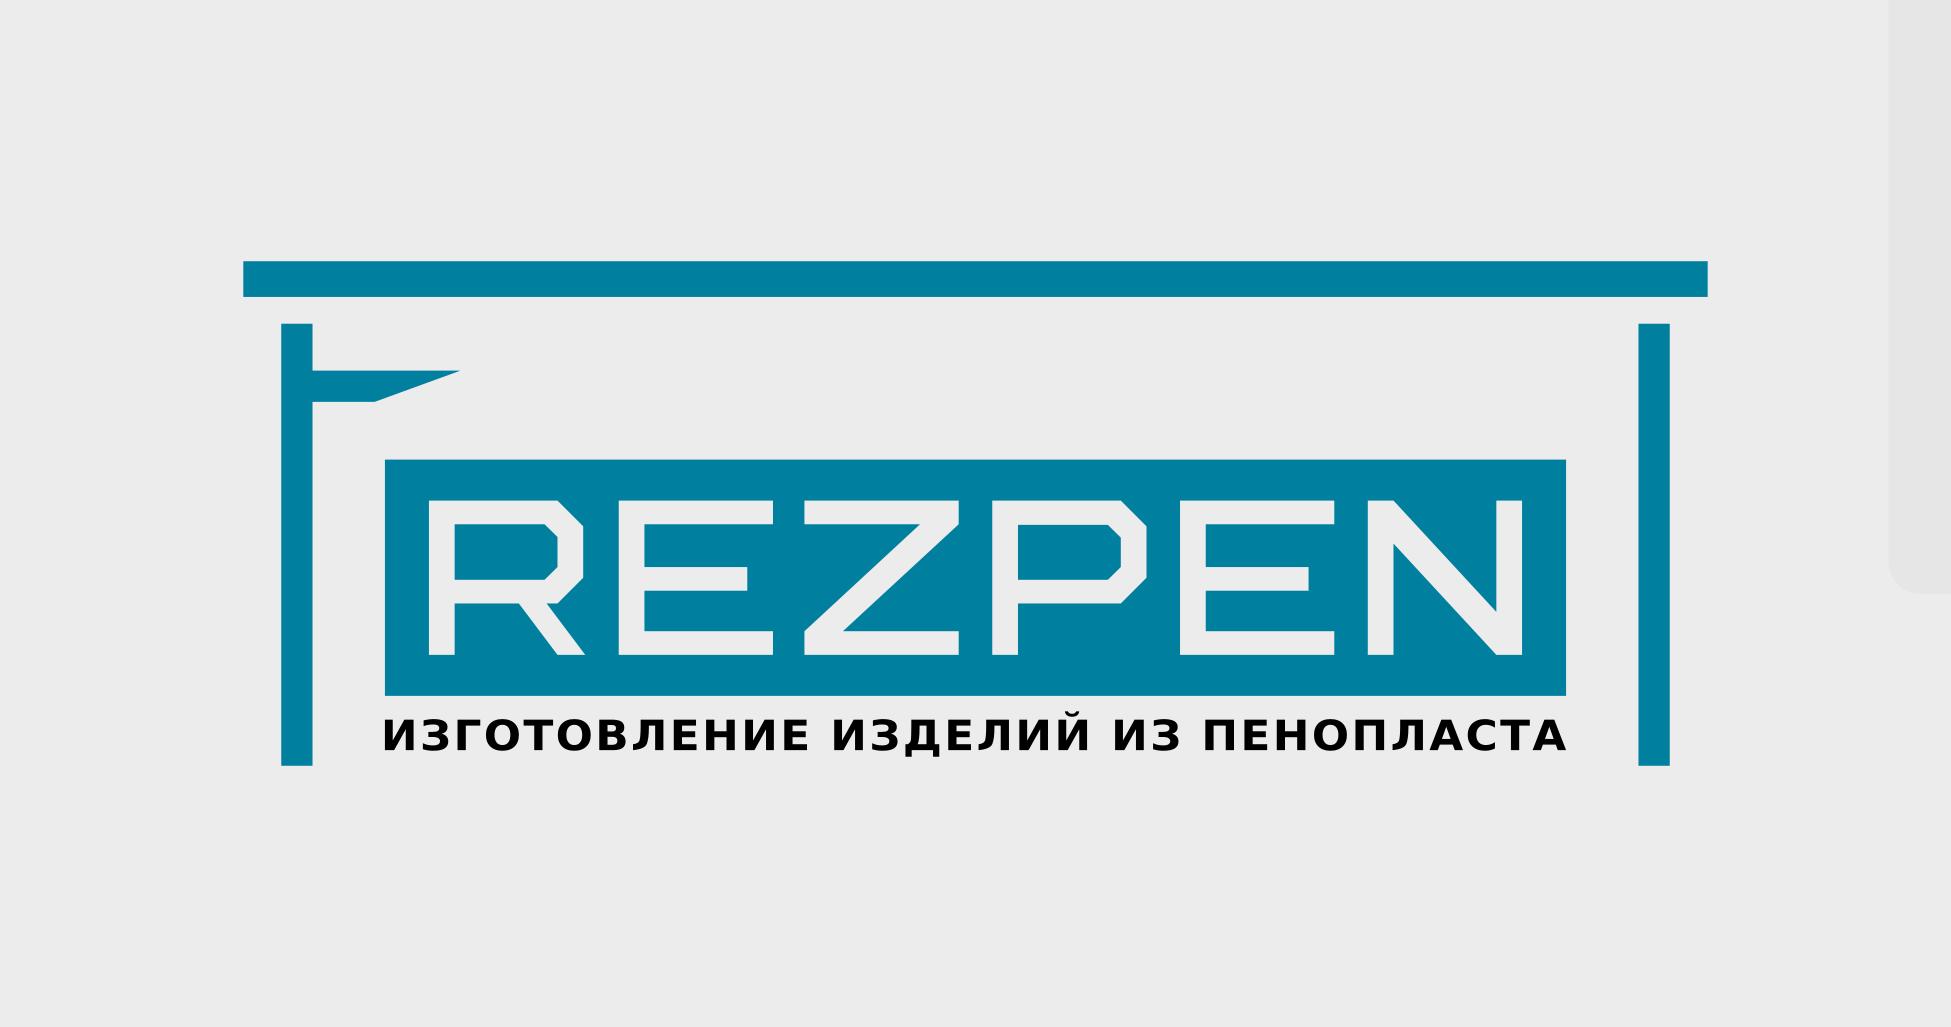 Редизайн логотипа фото f_7395a4d0efce8ec7.png